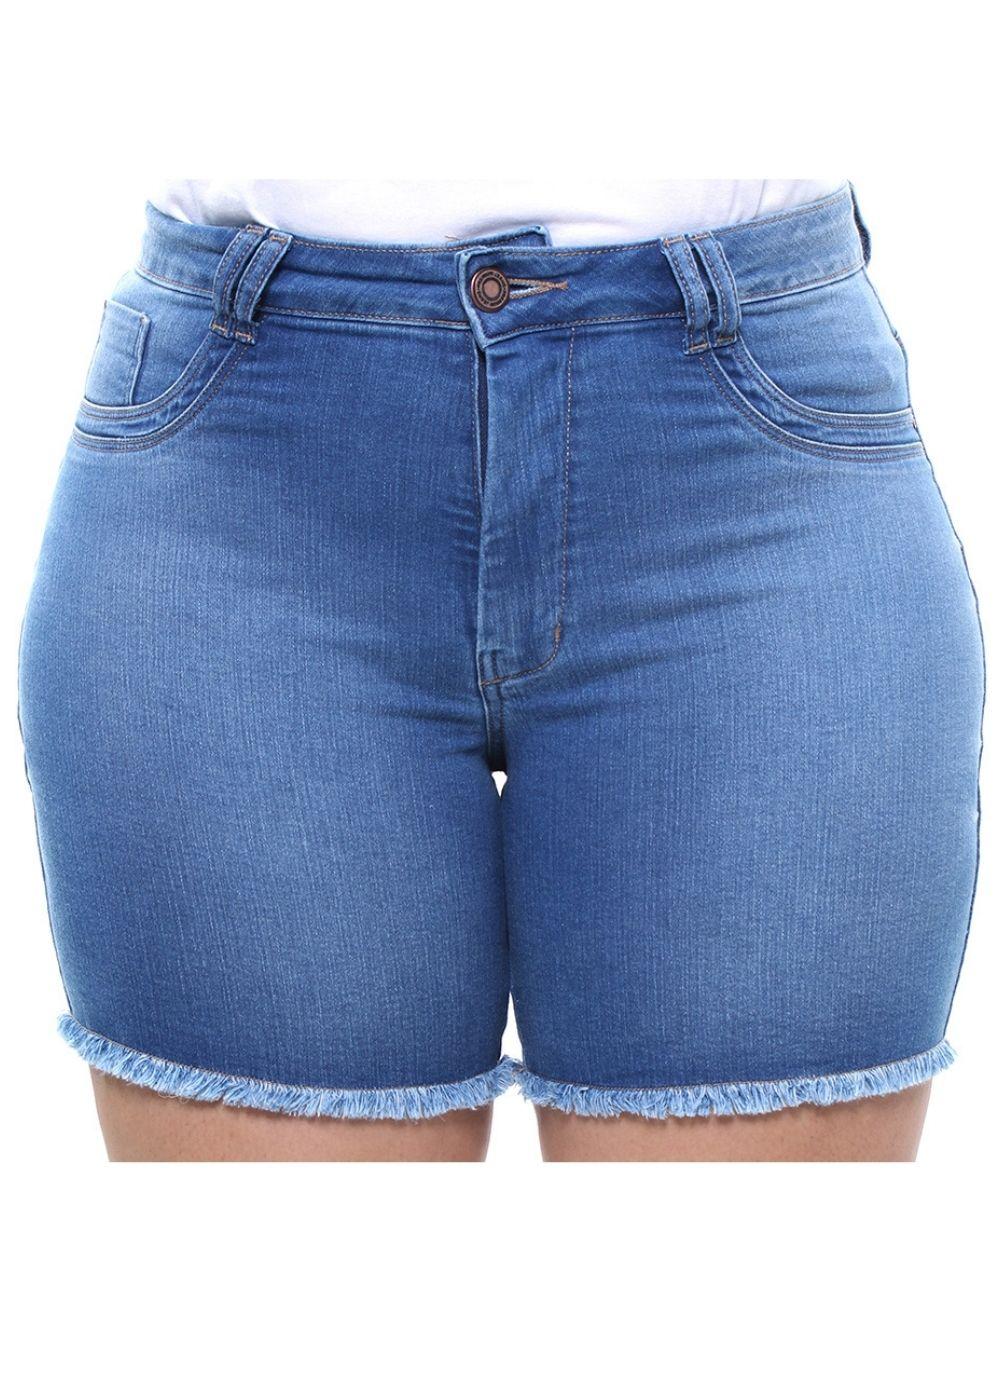 Bermuda Ciclista Jeans Feminina Plus Size Barra Desfiada Crocker - 47754